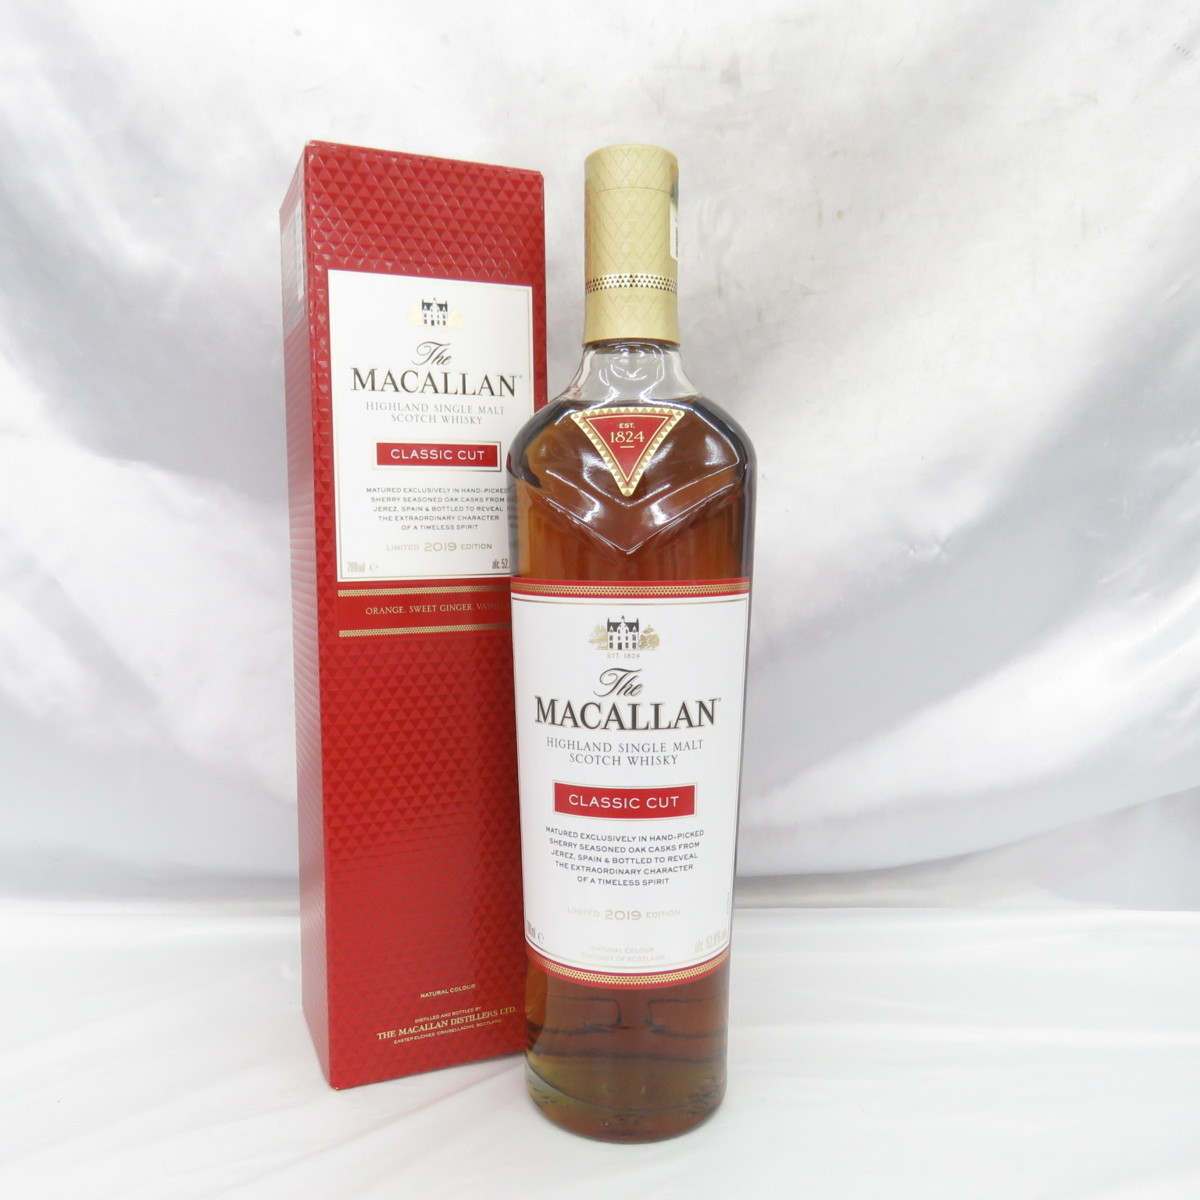 【未開栓】The MACALLAN ザ・マッカラン クラシックカット 2019 ウイスキー 700ml 52.9% 箱あり 10758150